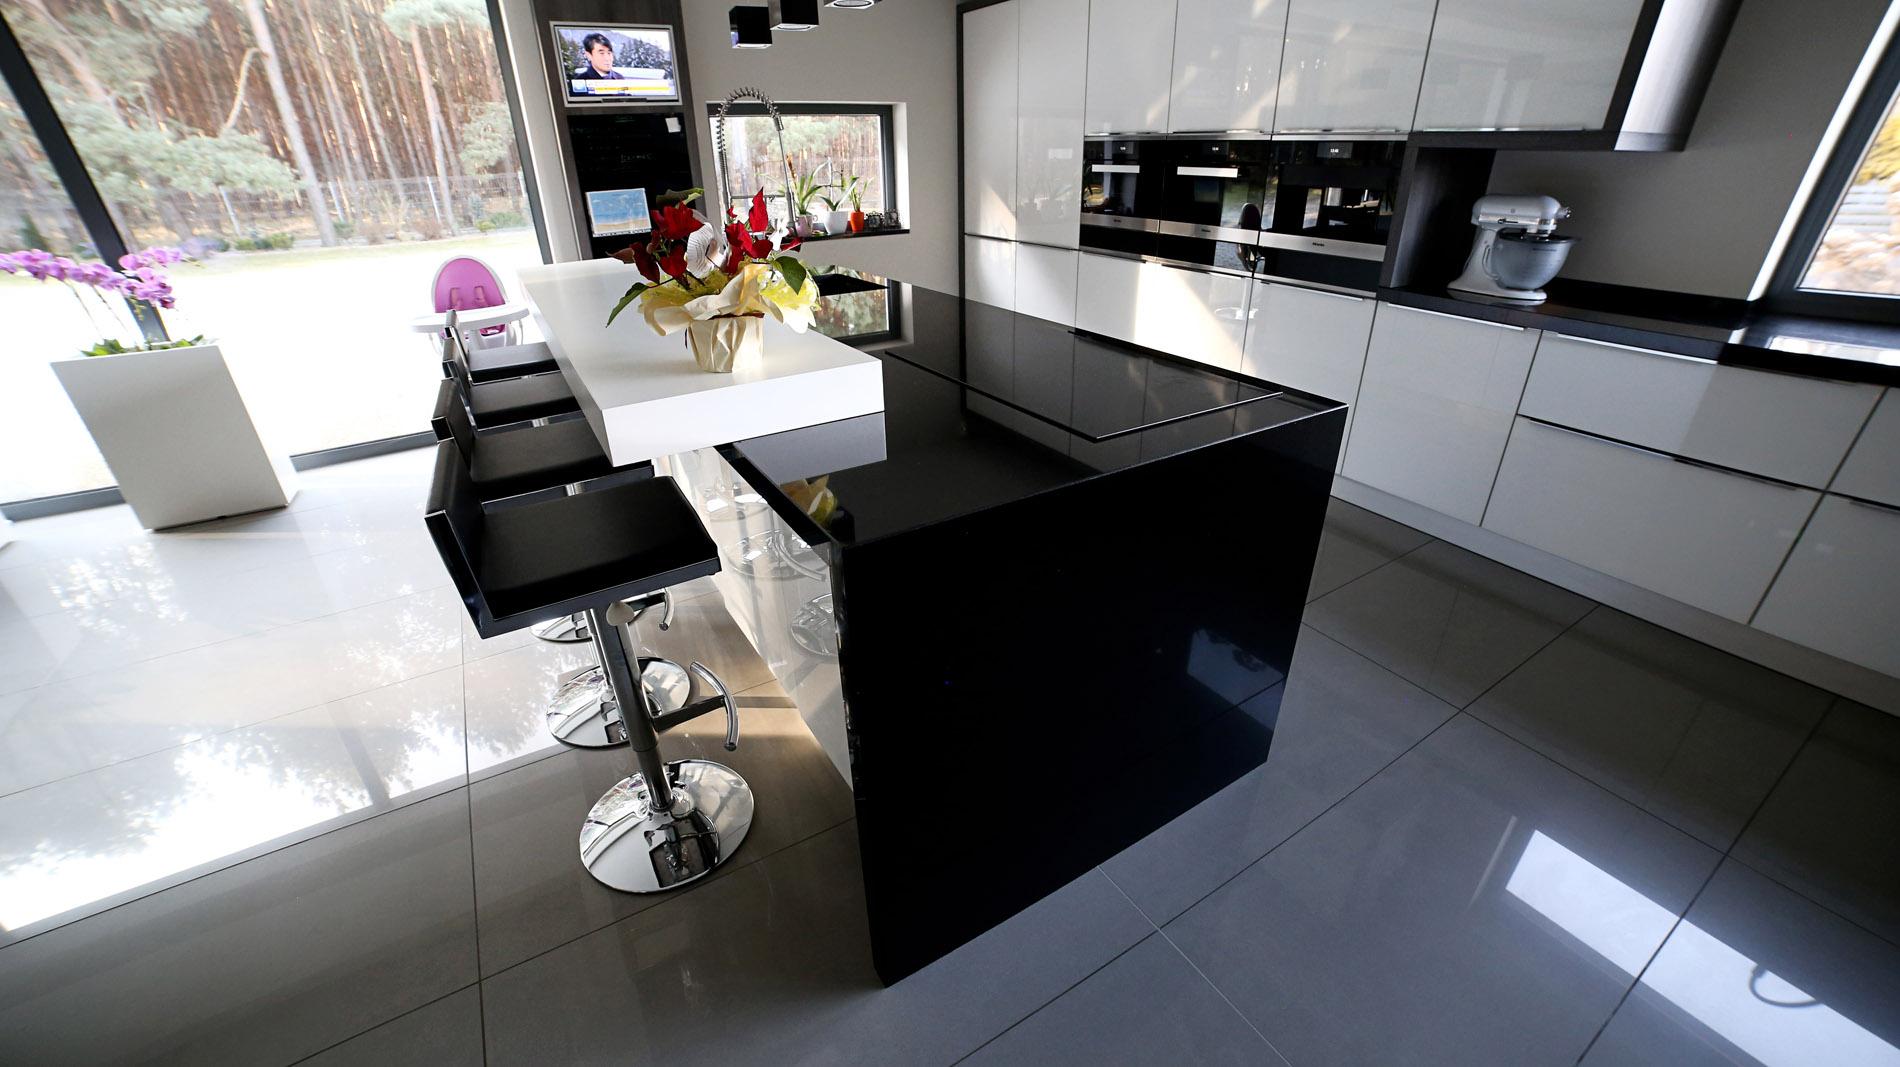 Full Size of Arbeitsplatte Aus Schwarzem Granit Absolut Black Franko Steinwelt Küche Sideboard Mit Arbeitsplatten Granitplatten Wohnzimmer Granit Arbeitsplatte